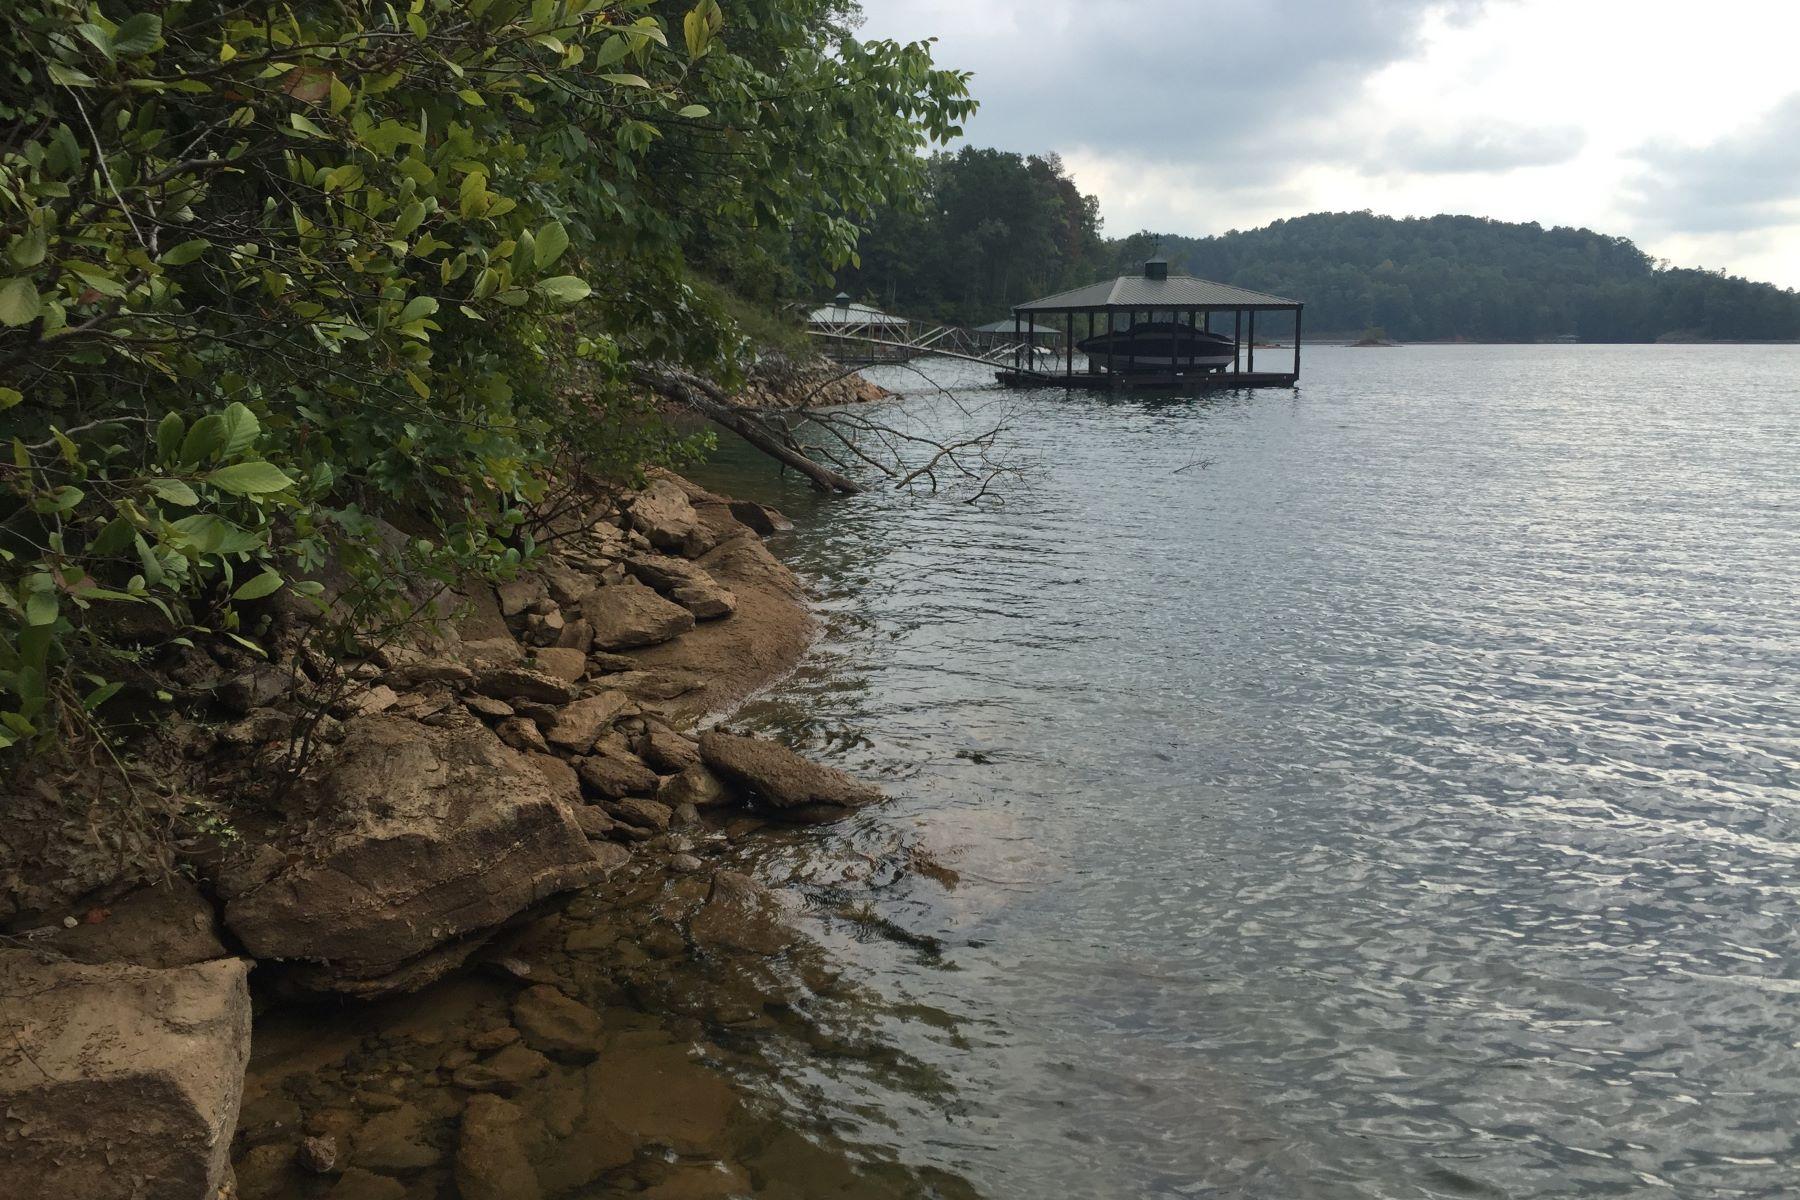 أراضي للـ Sale في Deep Water Homesite with View of Main Channel LP86, The Cliffs At Keowee Falls, Salem, South Carolina, 29676 United States